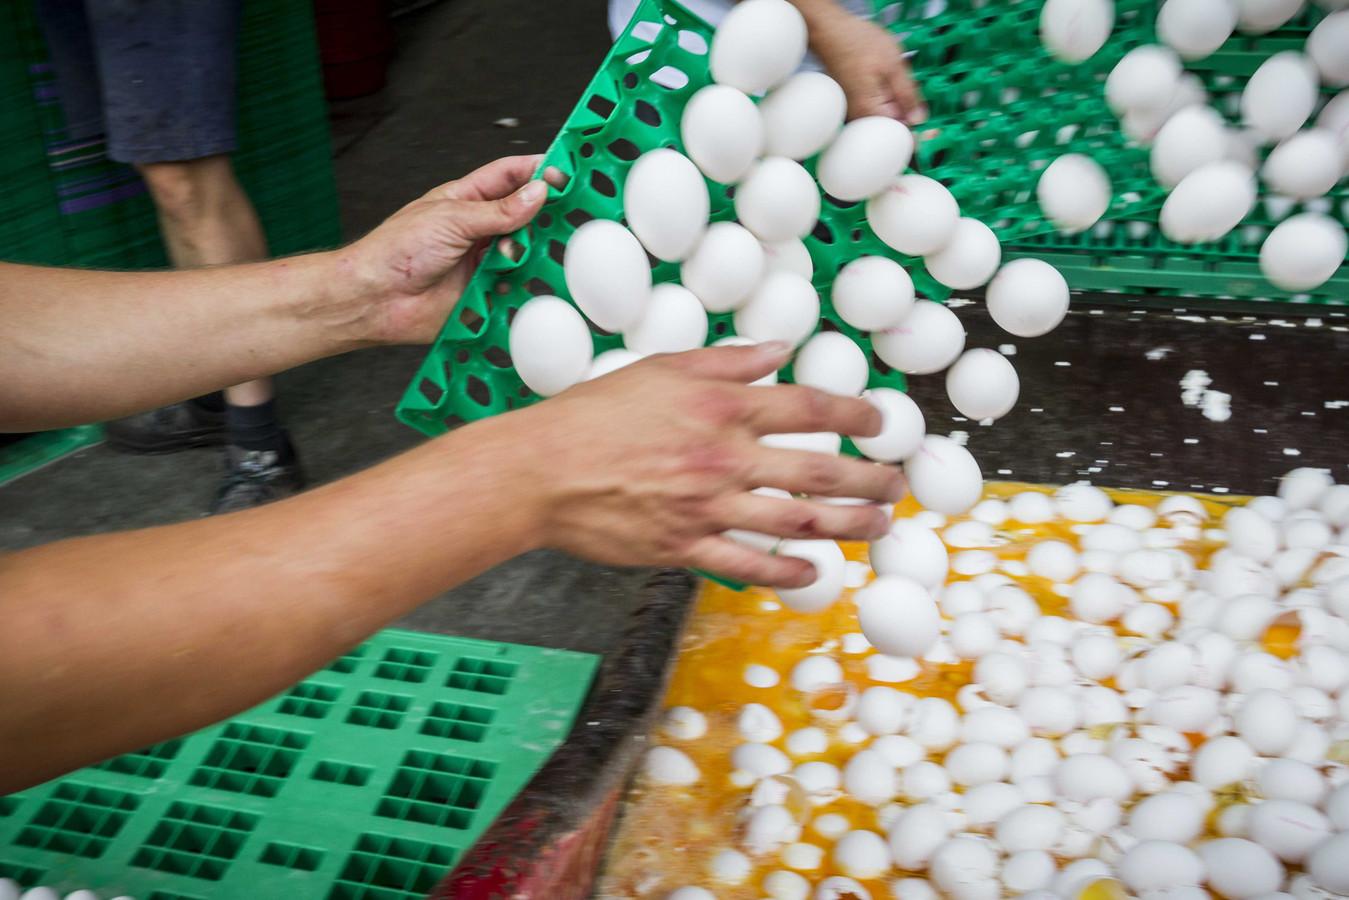 Op last van de Nederlandse Voedsel- en Warenautoriteit (NVWA) werden vorige zomer miljoenen eieren vernietigd.